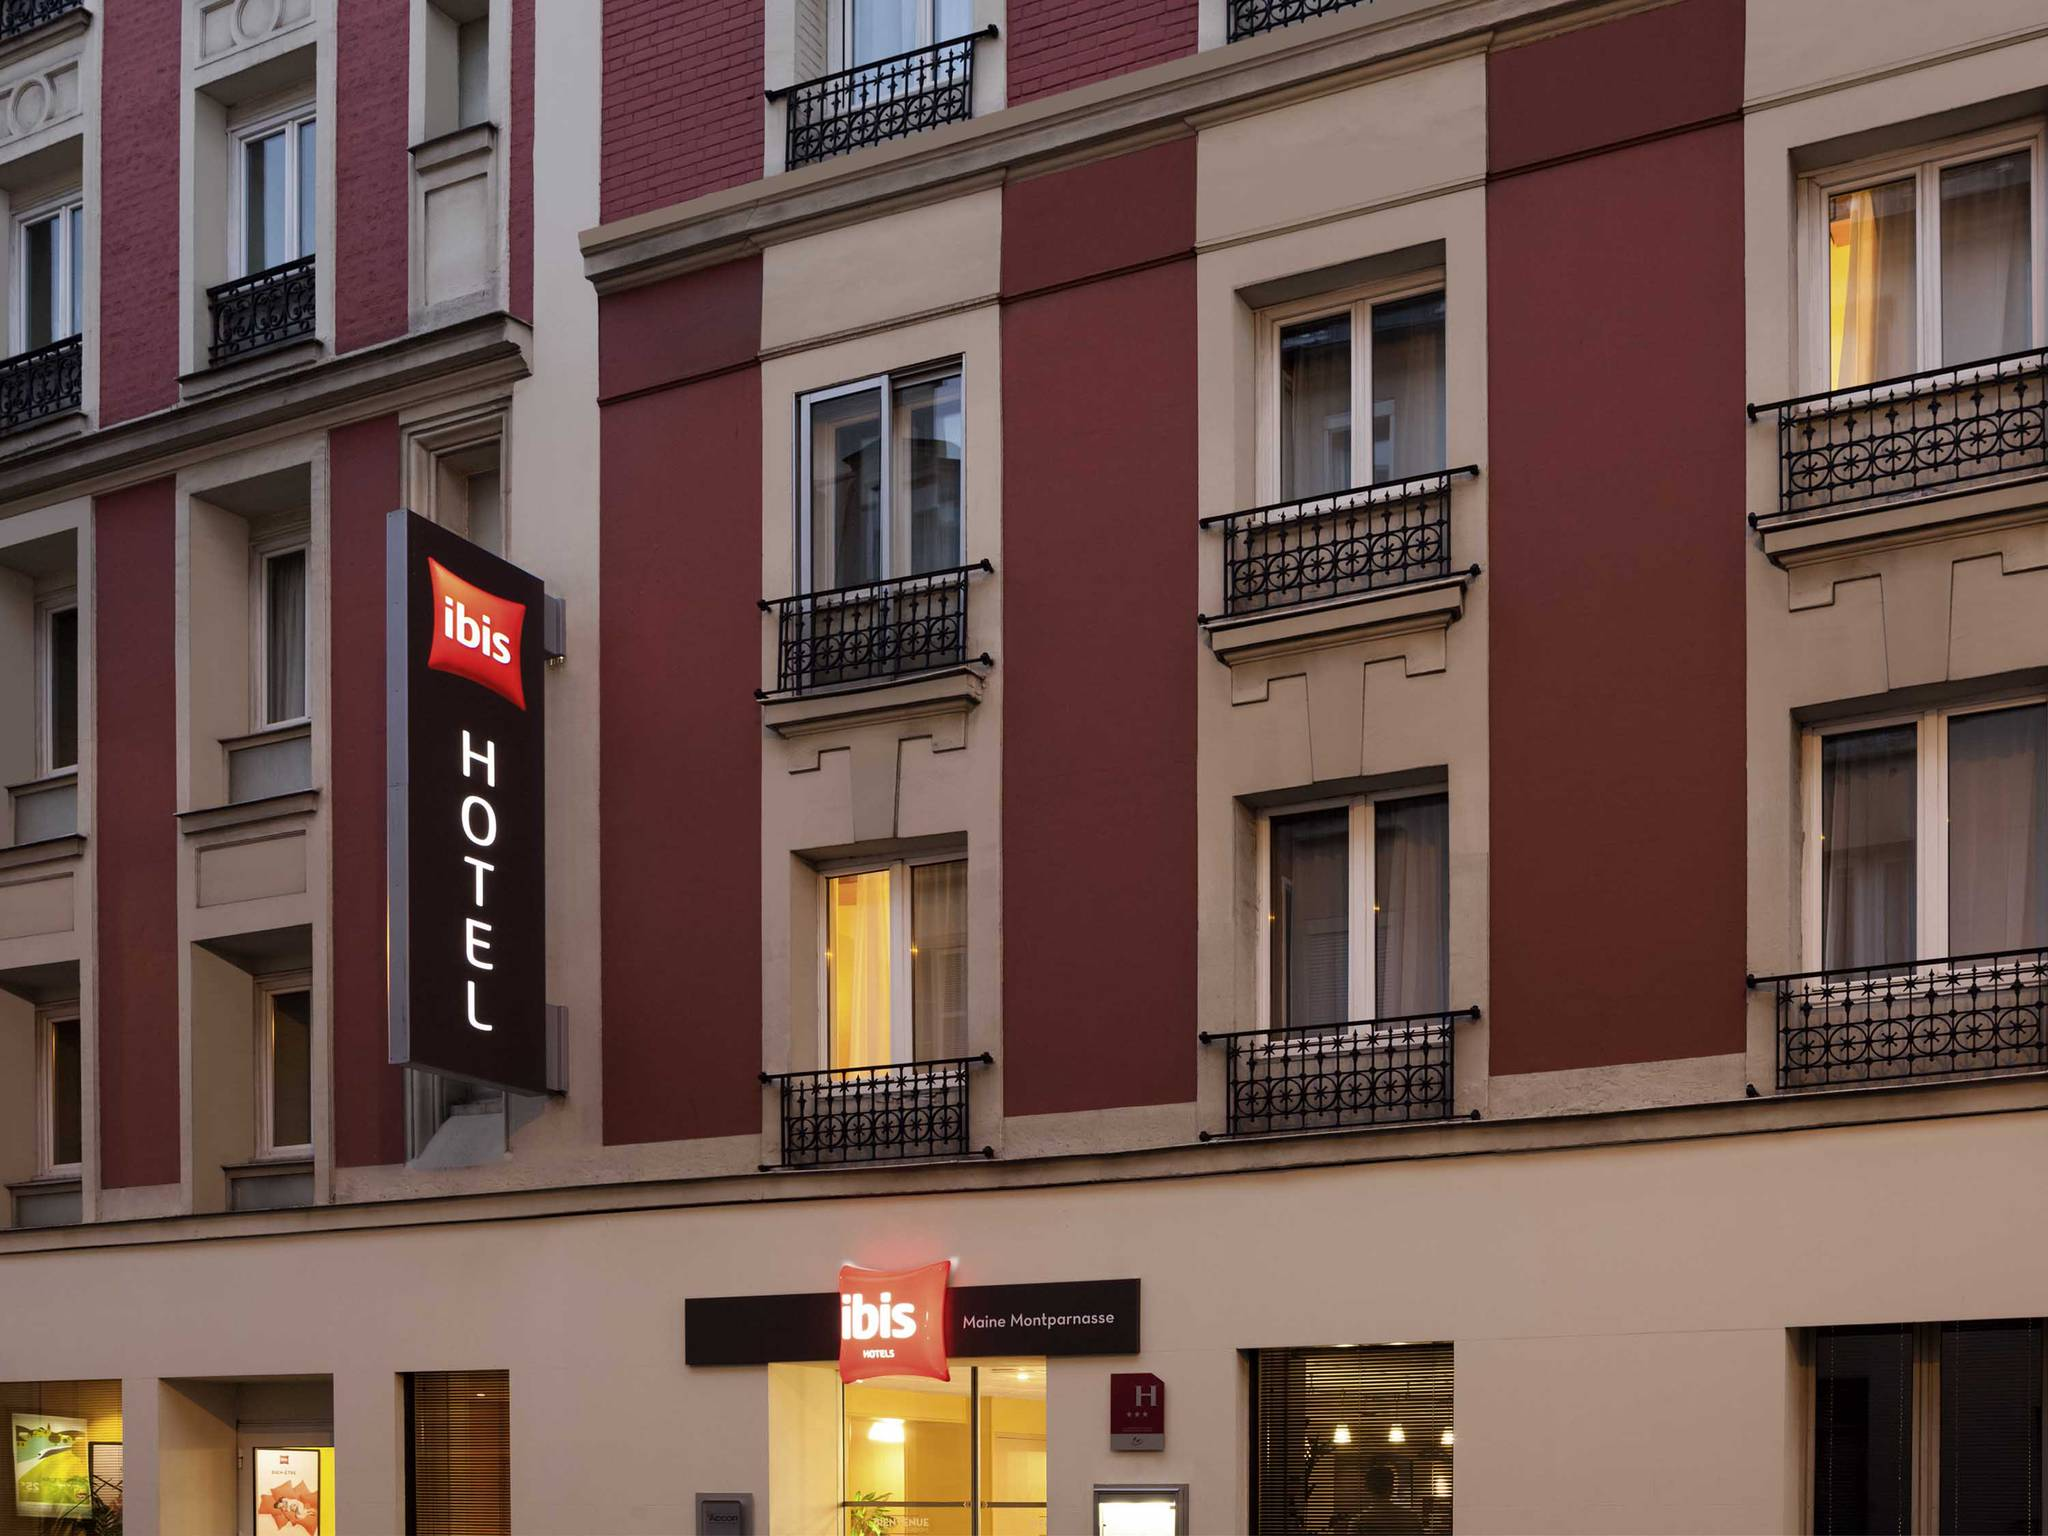 Hotel - ibis Paris Maine Montparnasse